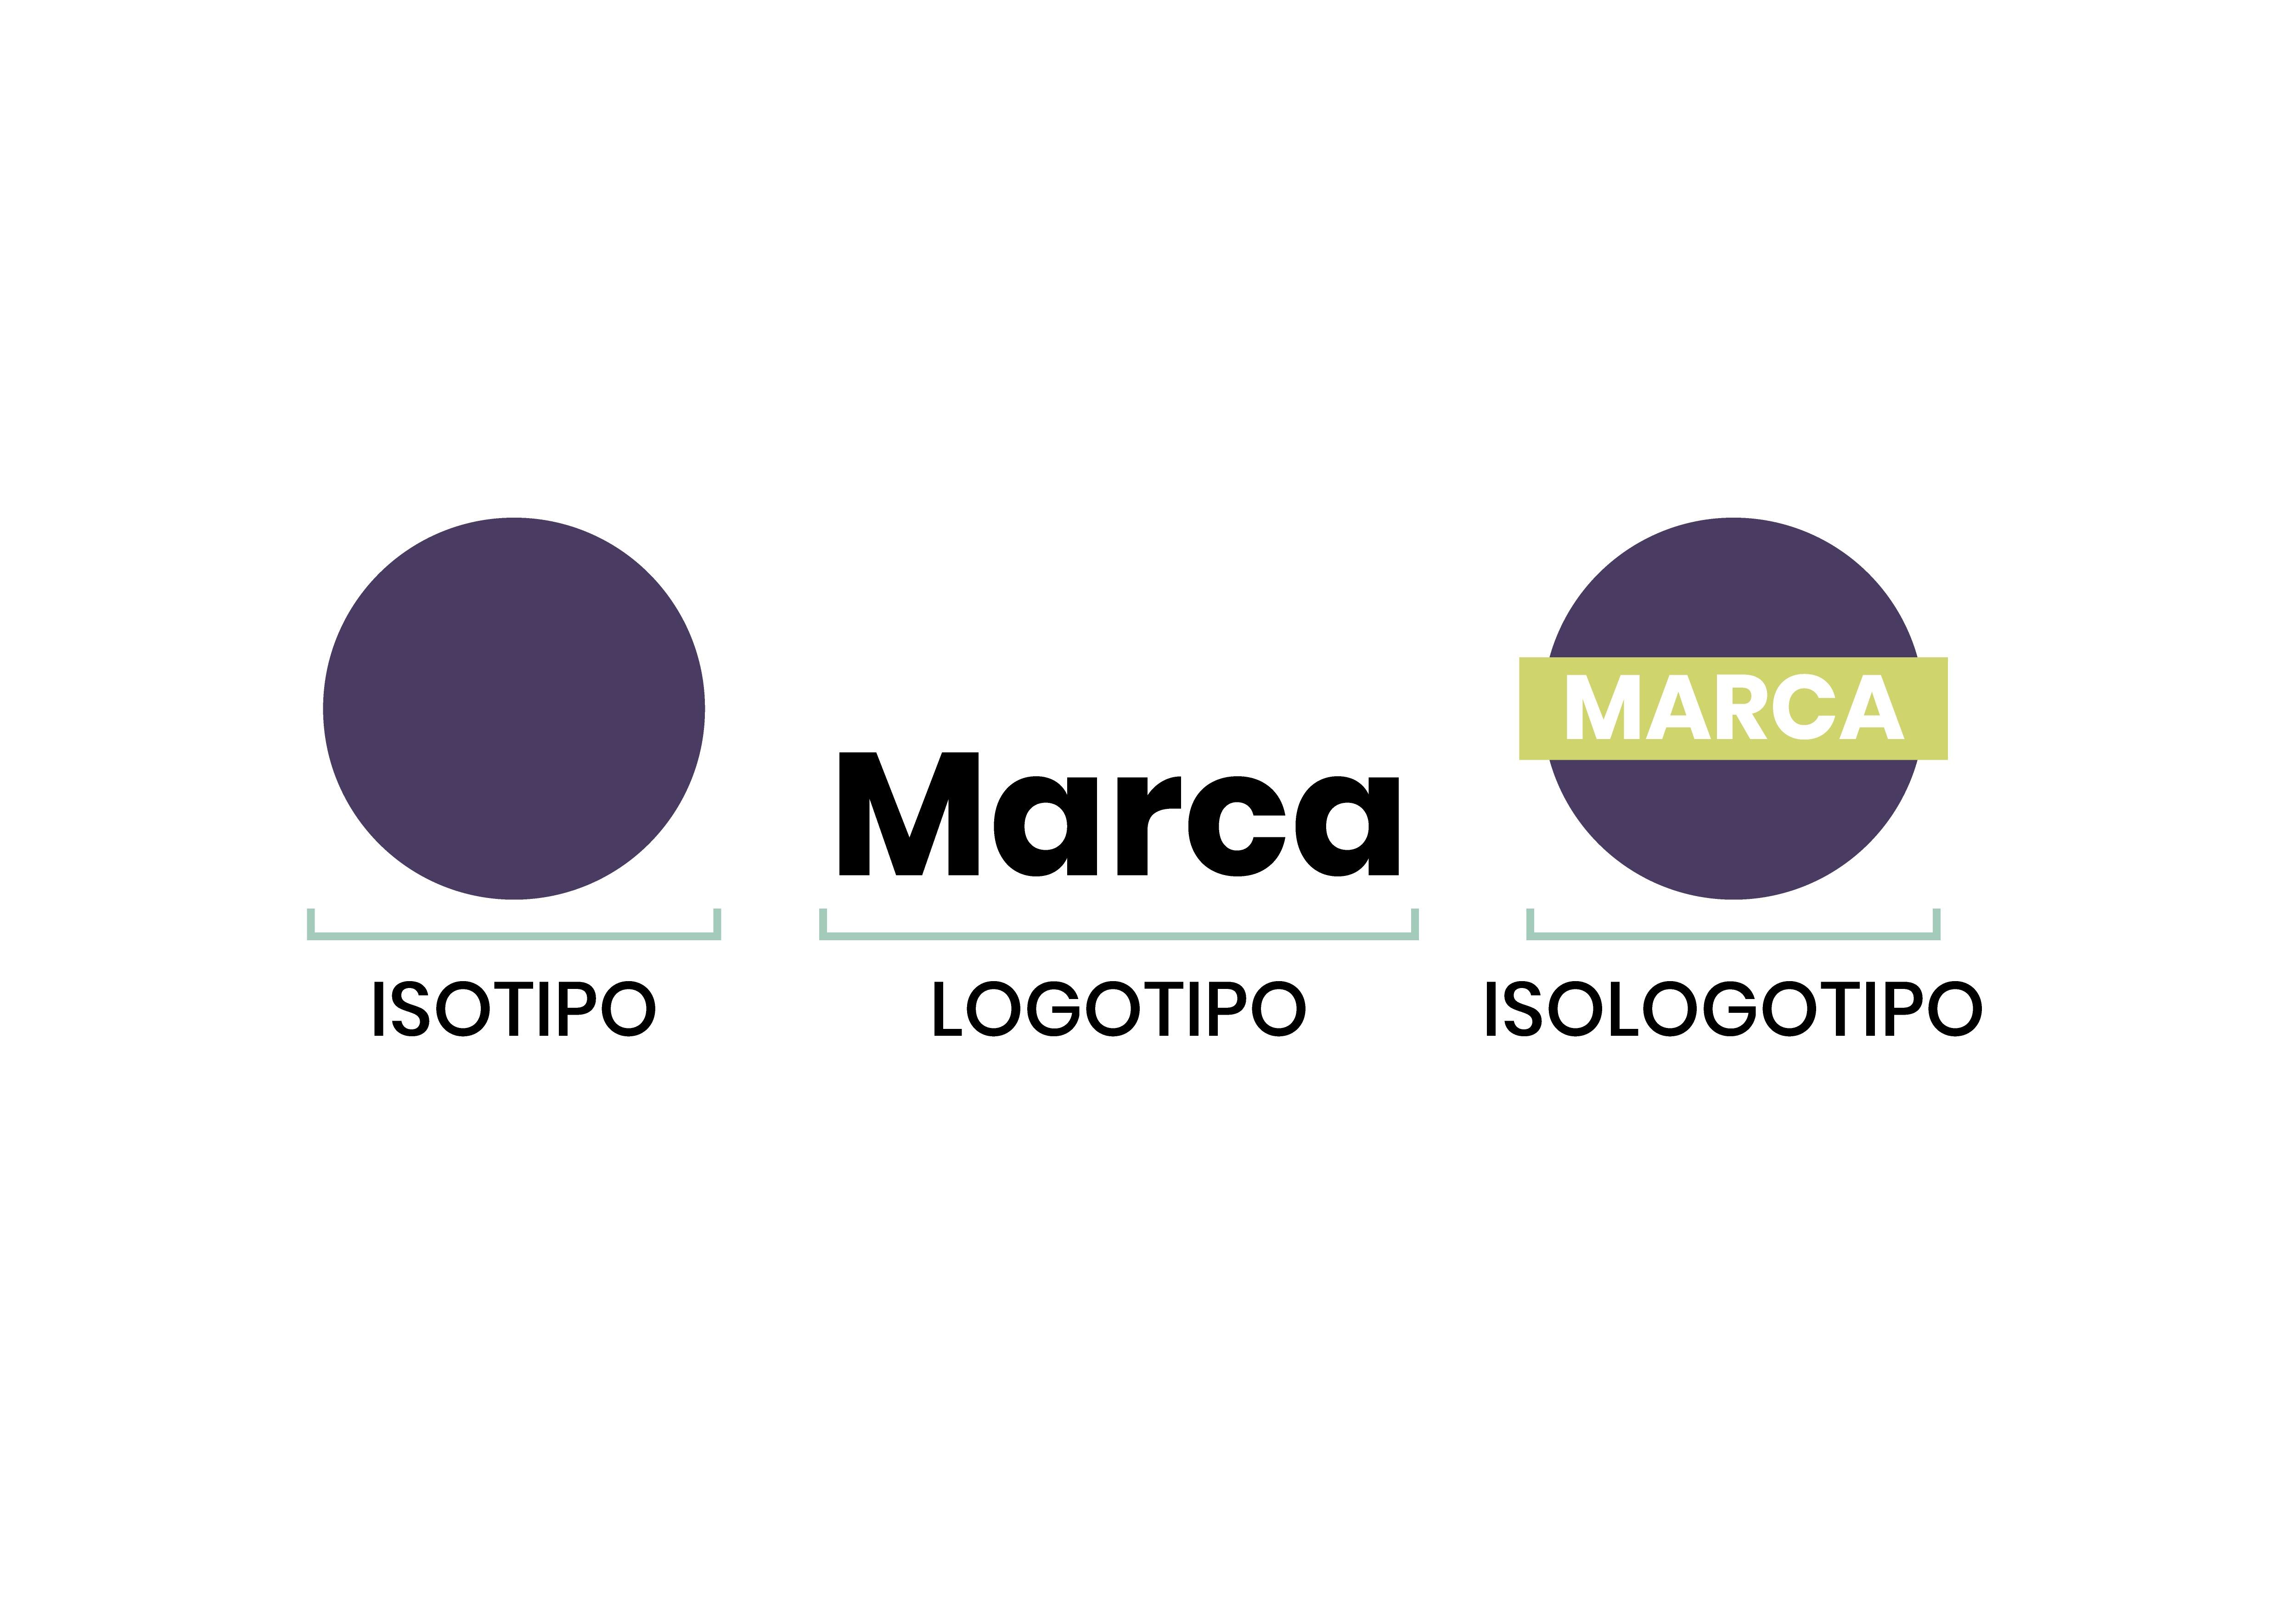 Marketing Digital Agencia Digital, Diseño de logotipo, diseno_de_logotipo_mejor_digital_5